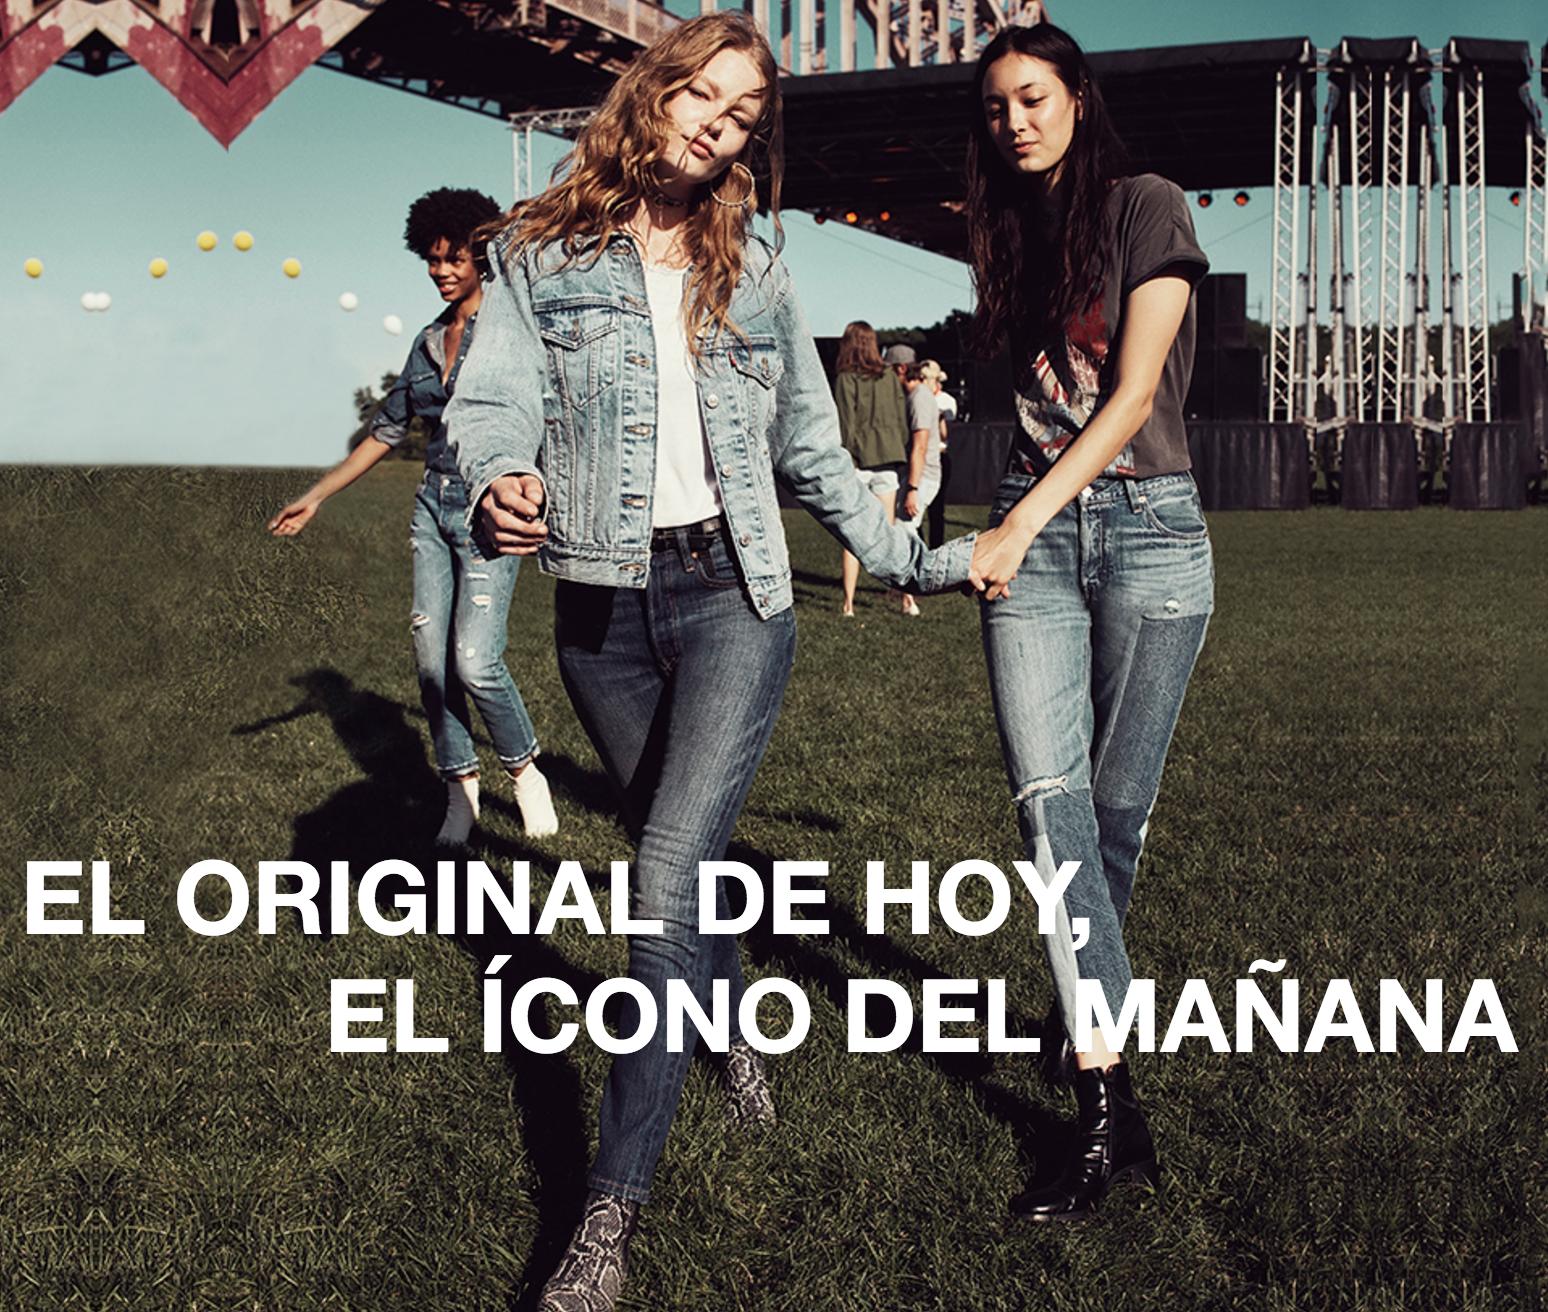 original de hoy, ícono del mañana denim jeans levi's